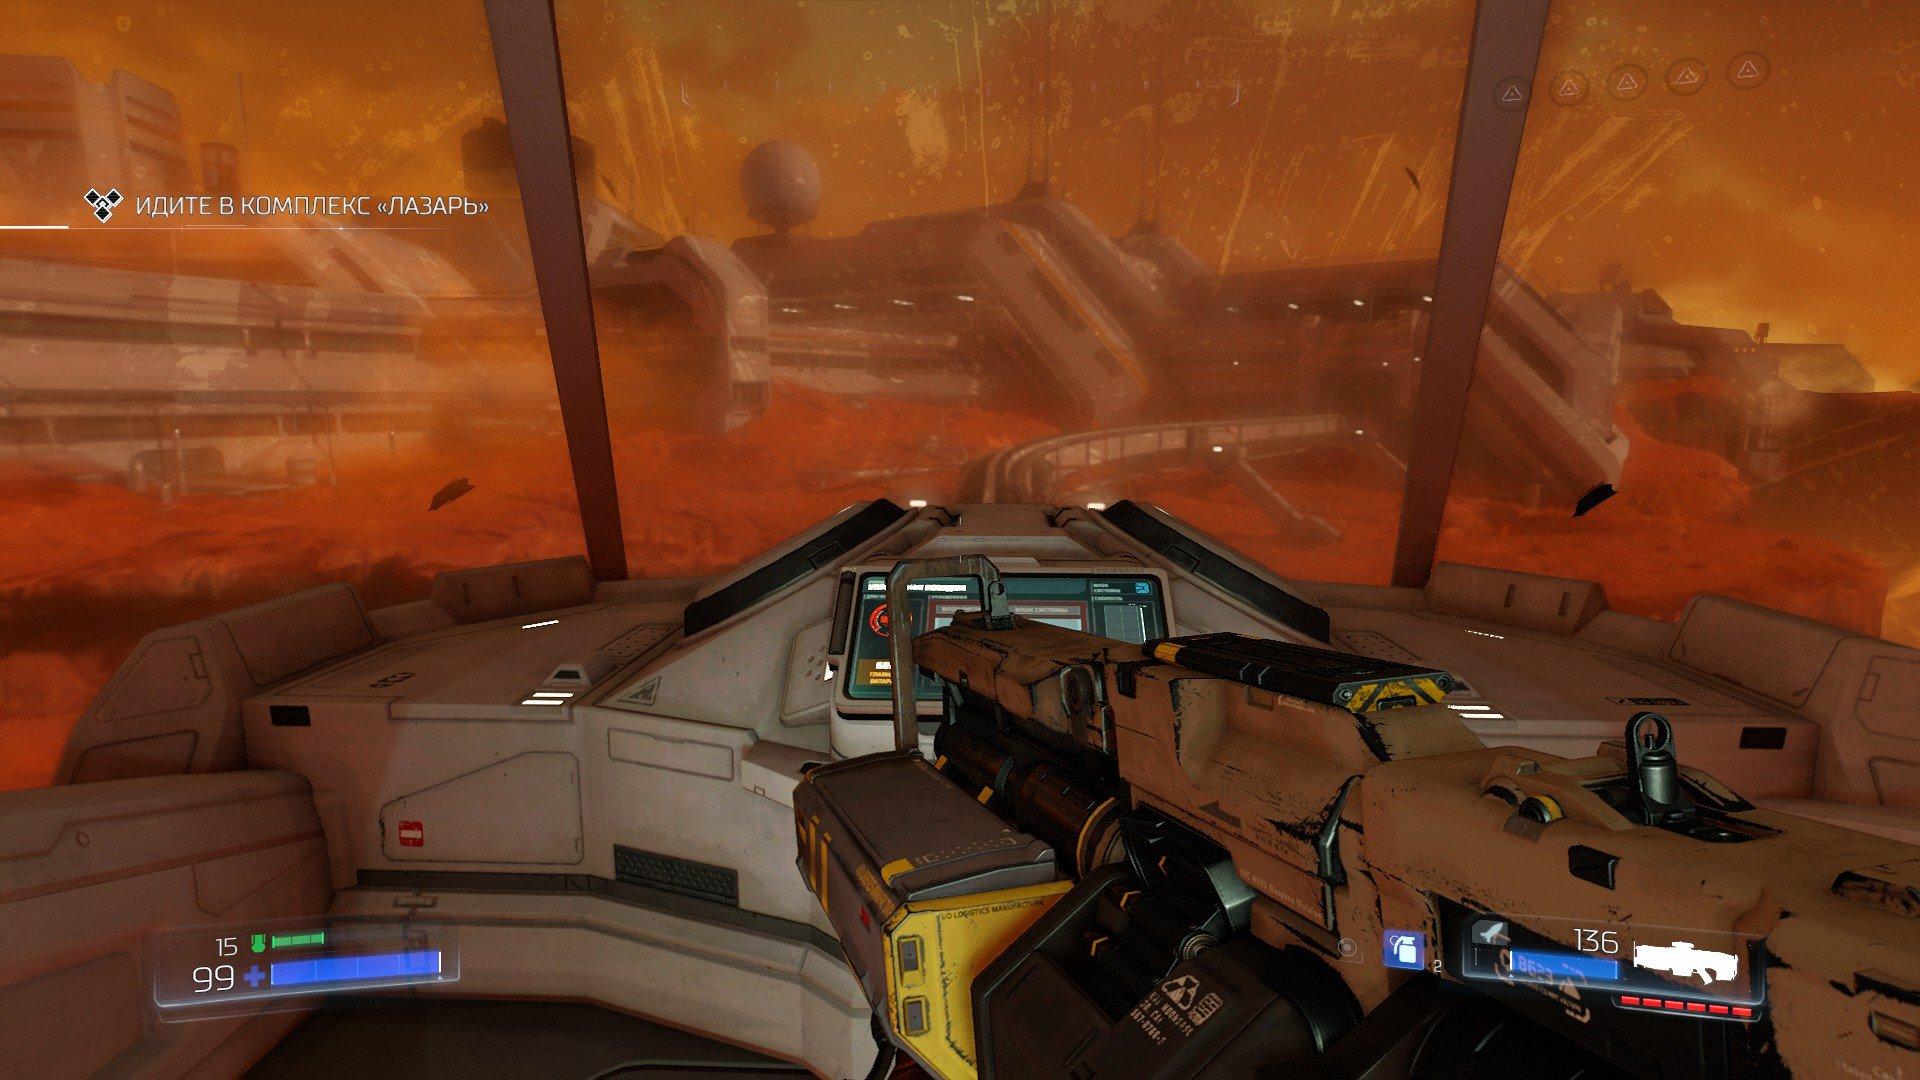 Вопль-прохождение Doom ... Позитивный и развеселый - Изображение 9